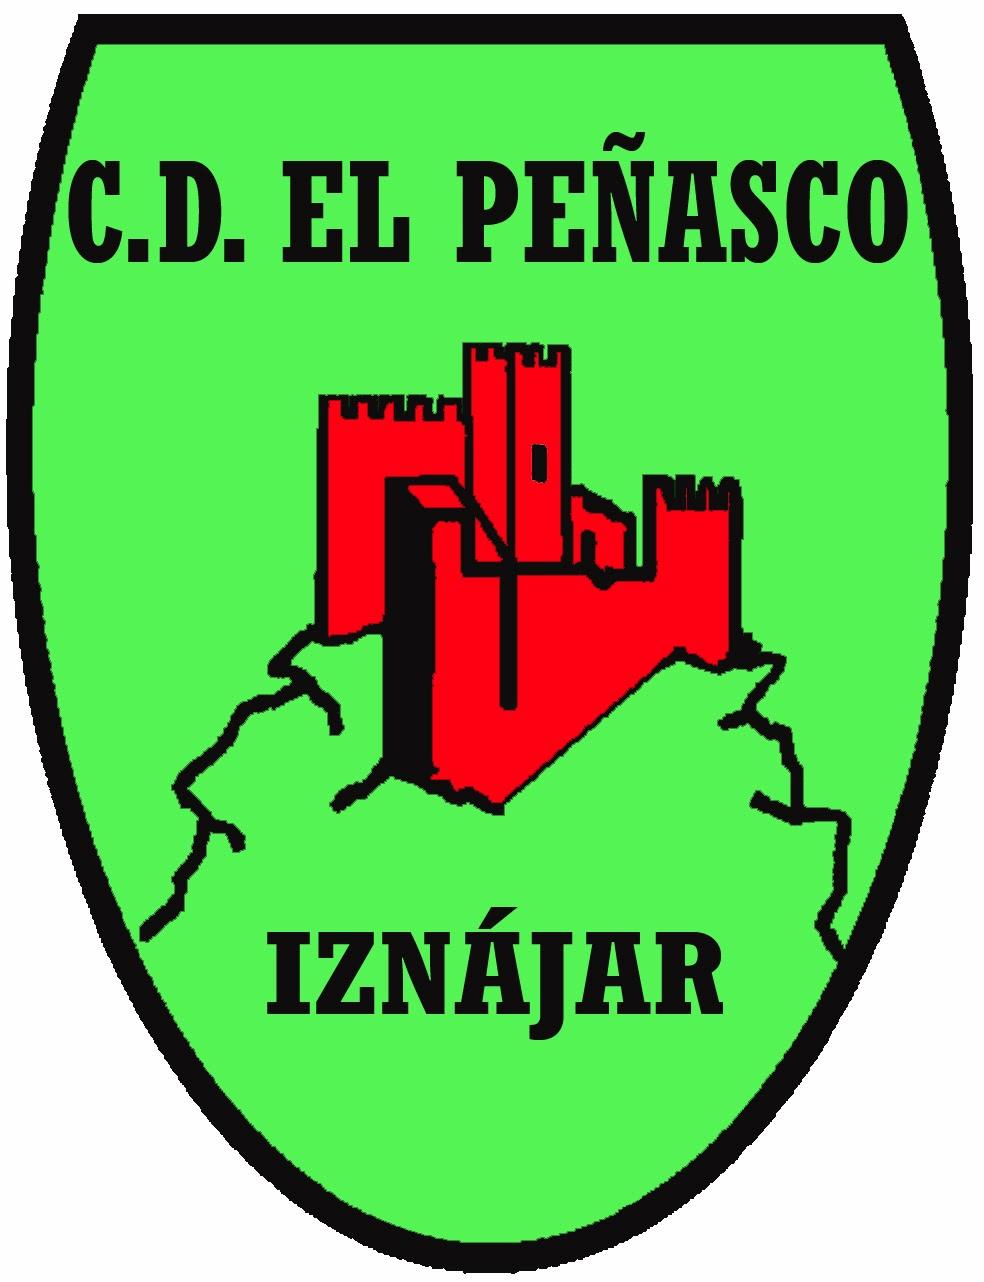 C. D. El Peñasco